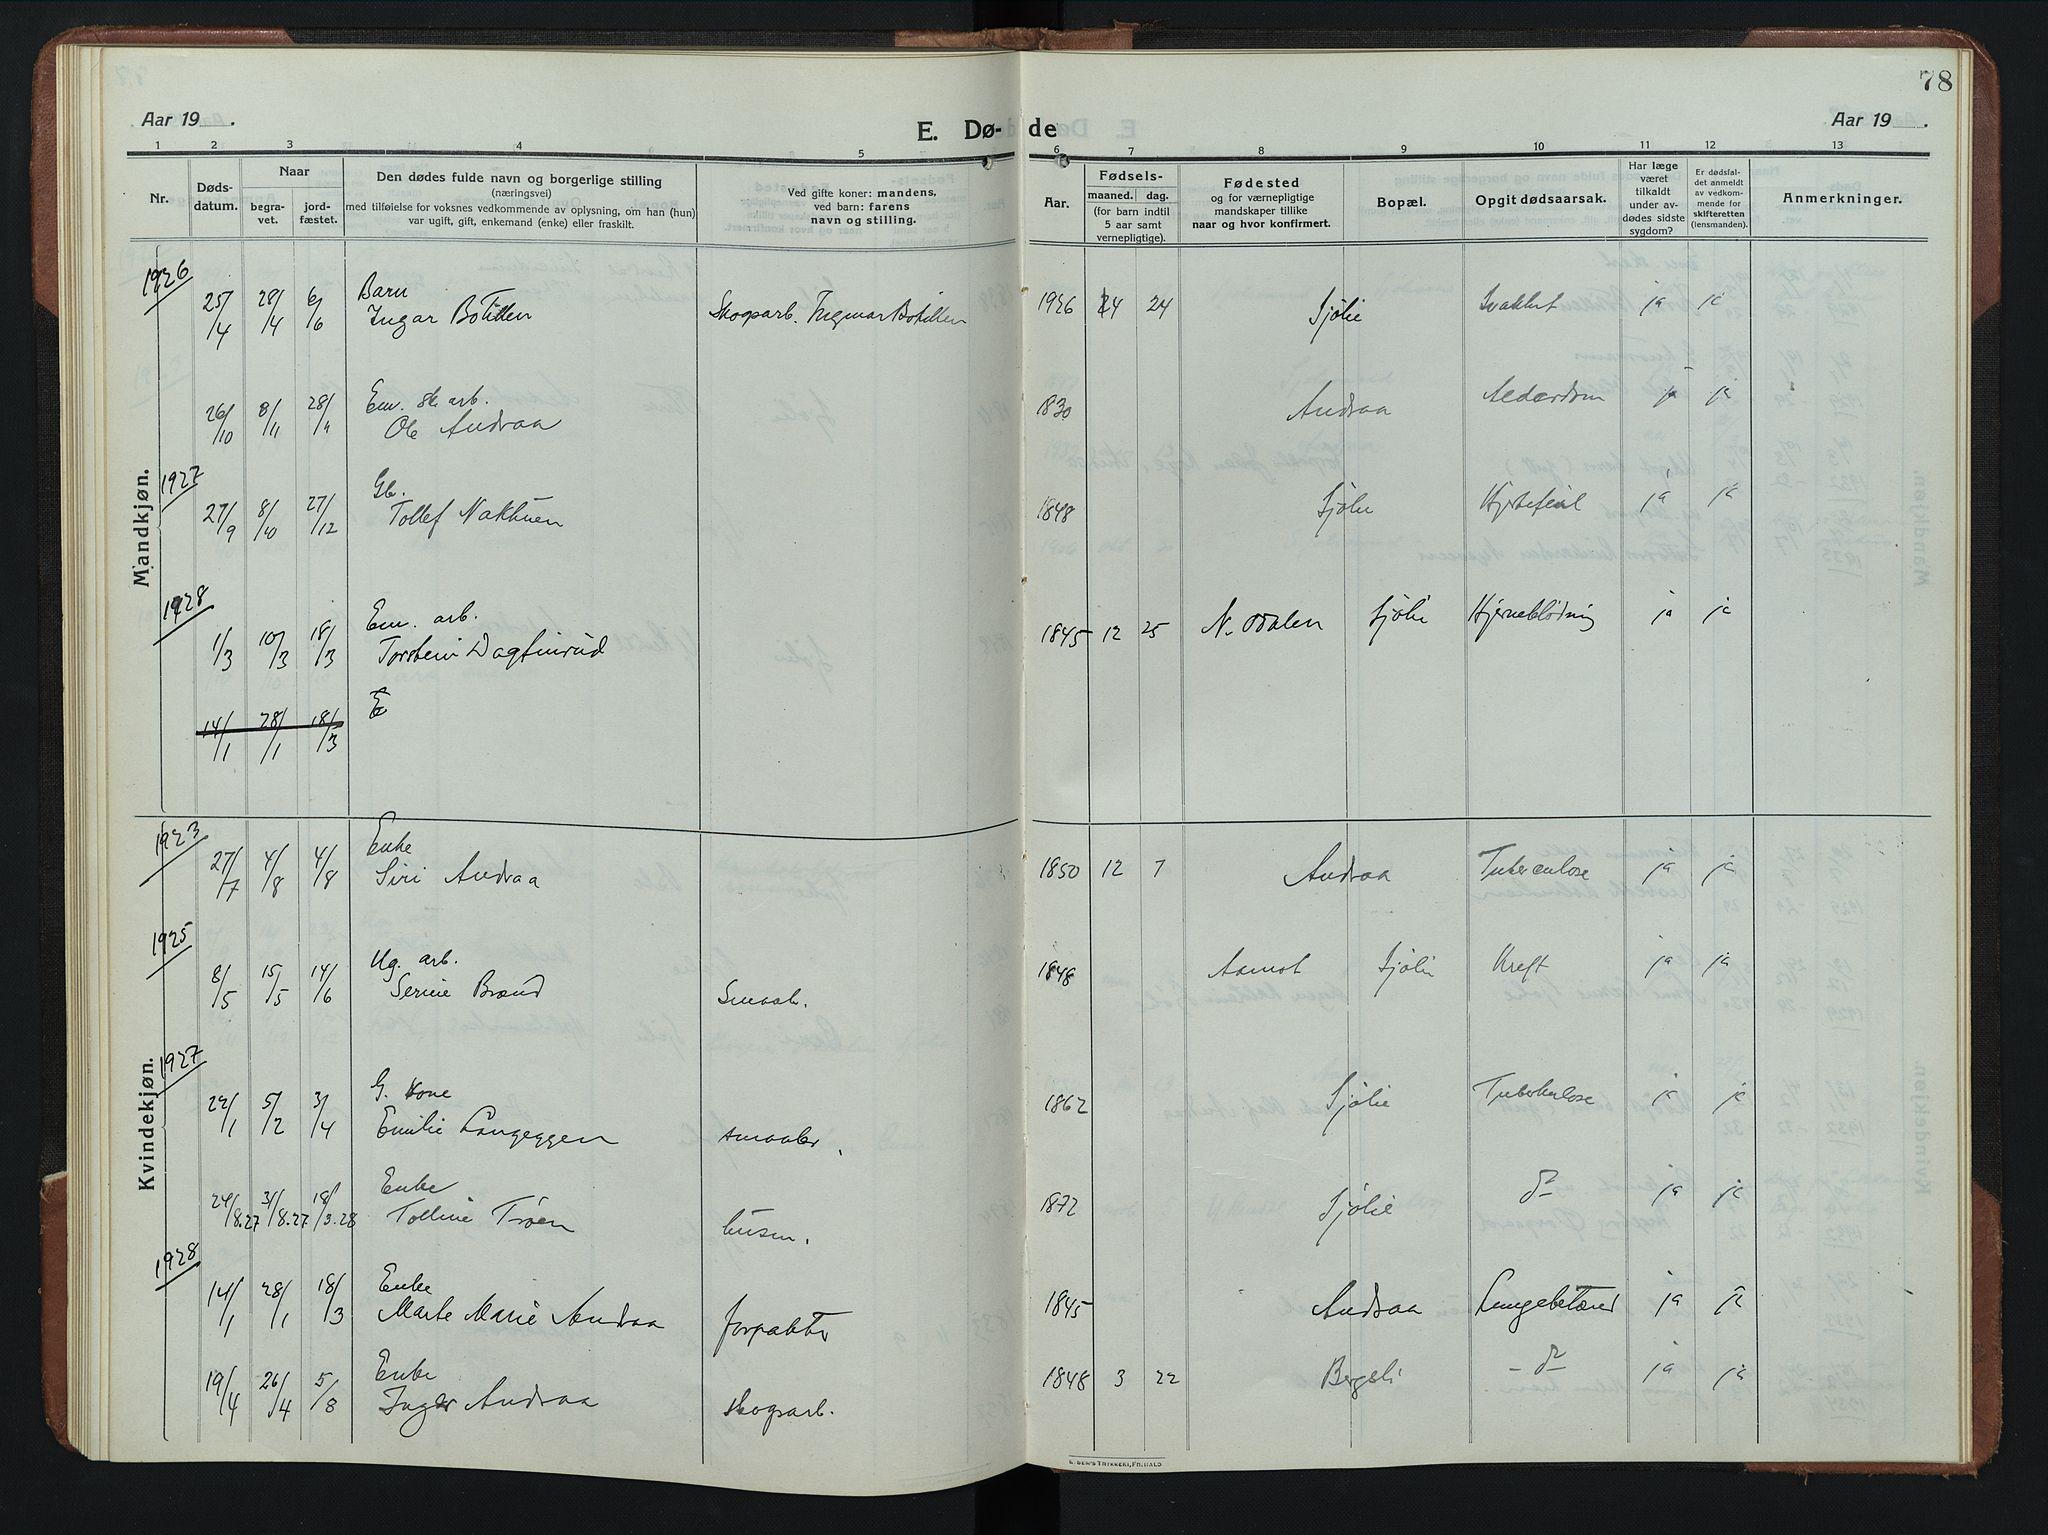 SAH, Rendalen prestekontor, H/Ha/Hab/L0008: Klokkerbok nr. 8, 1914-1948, s. 78